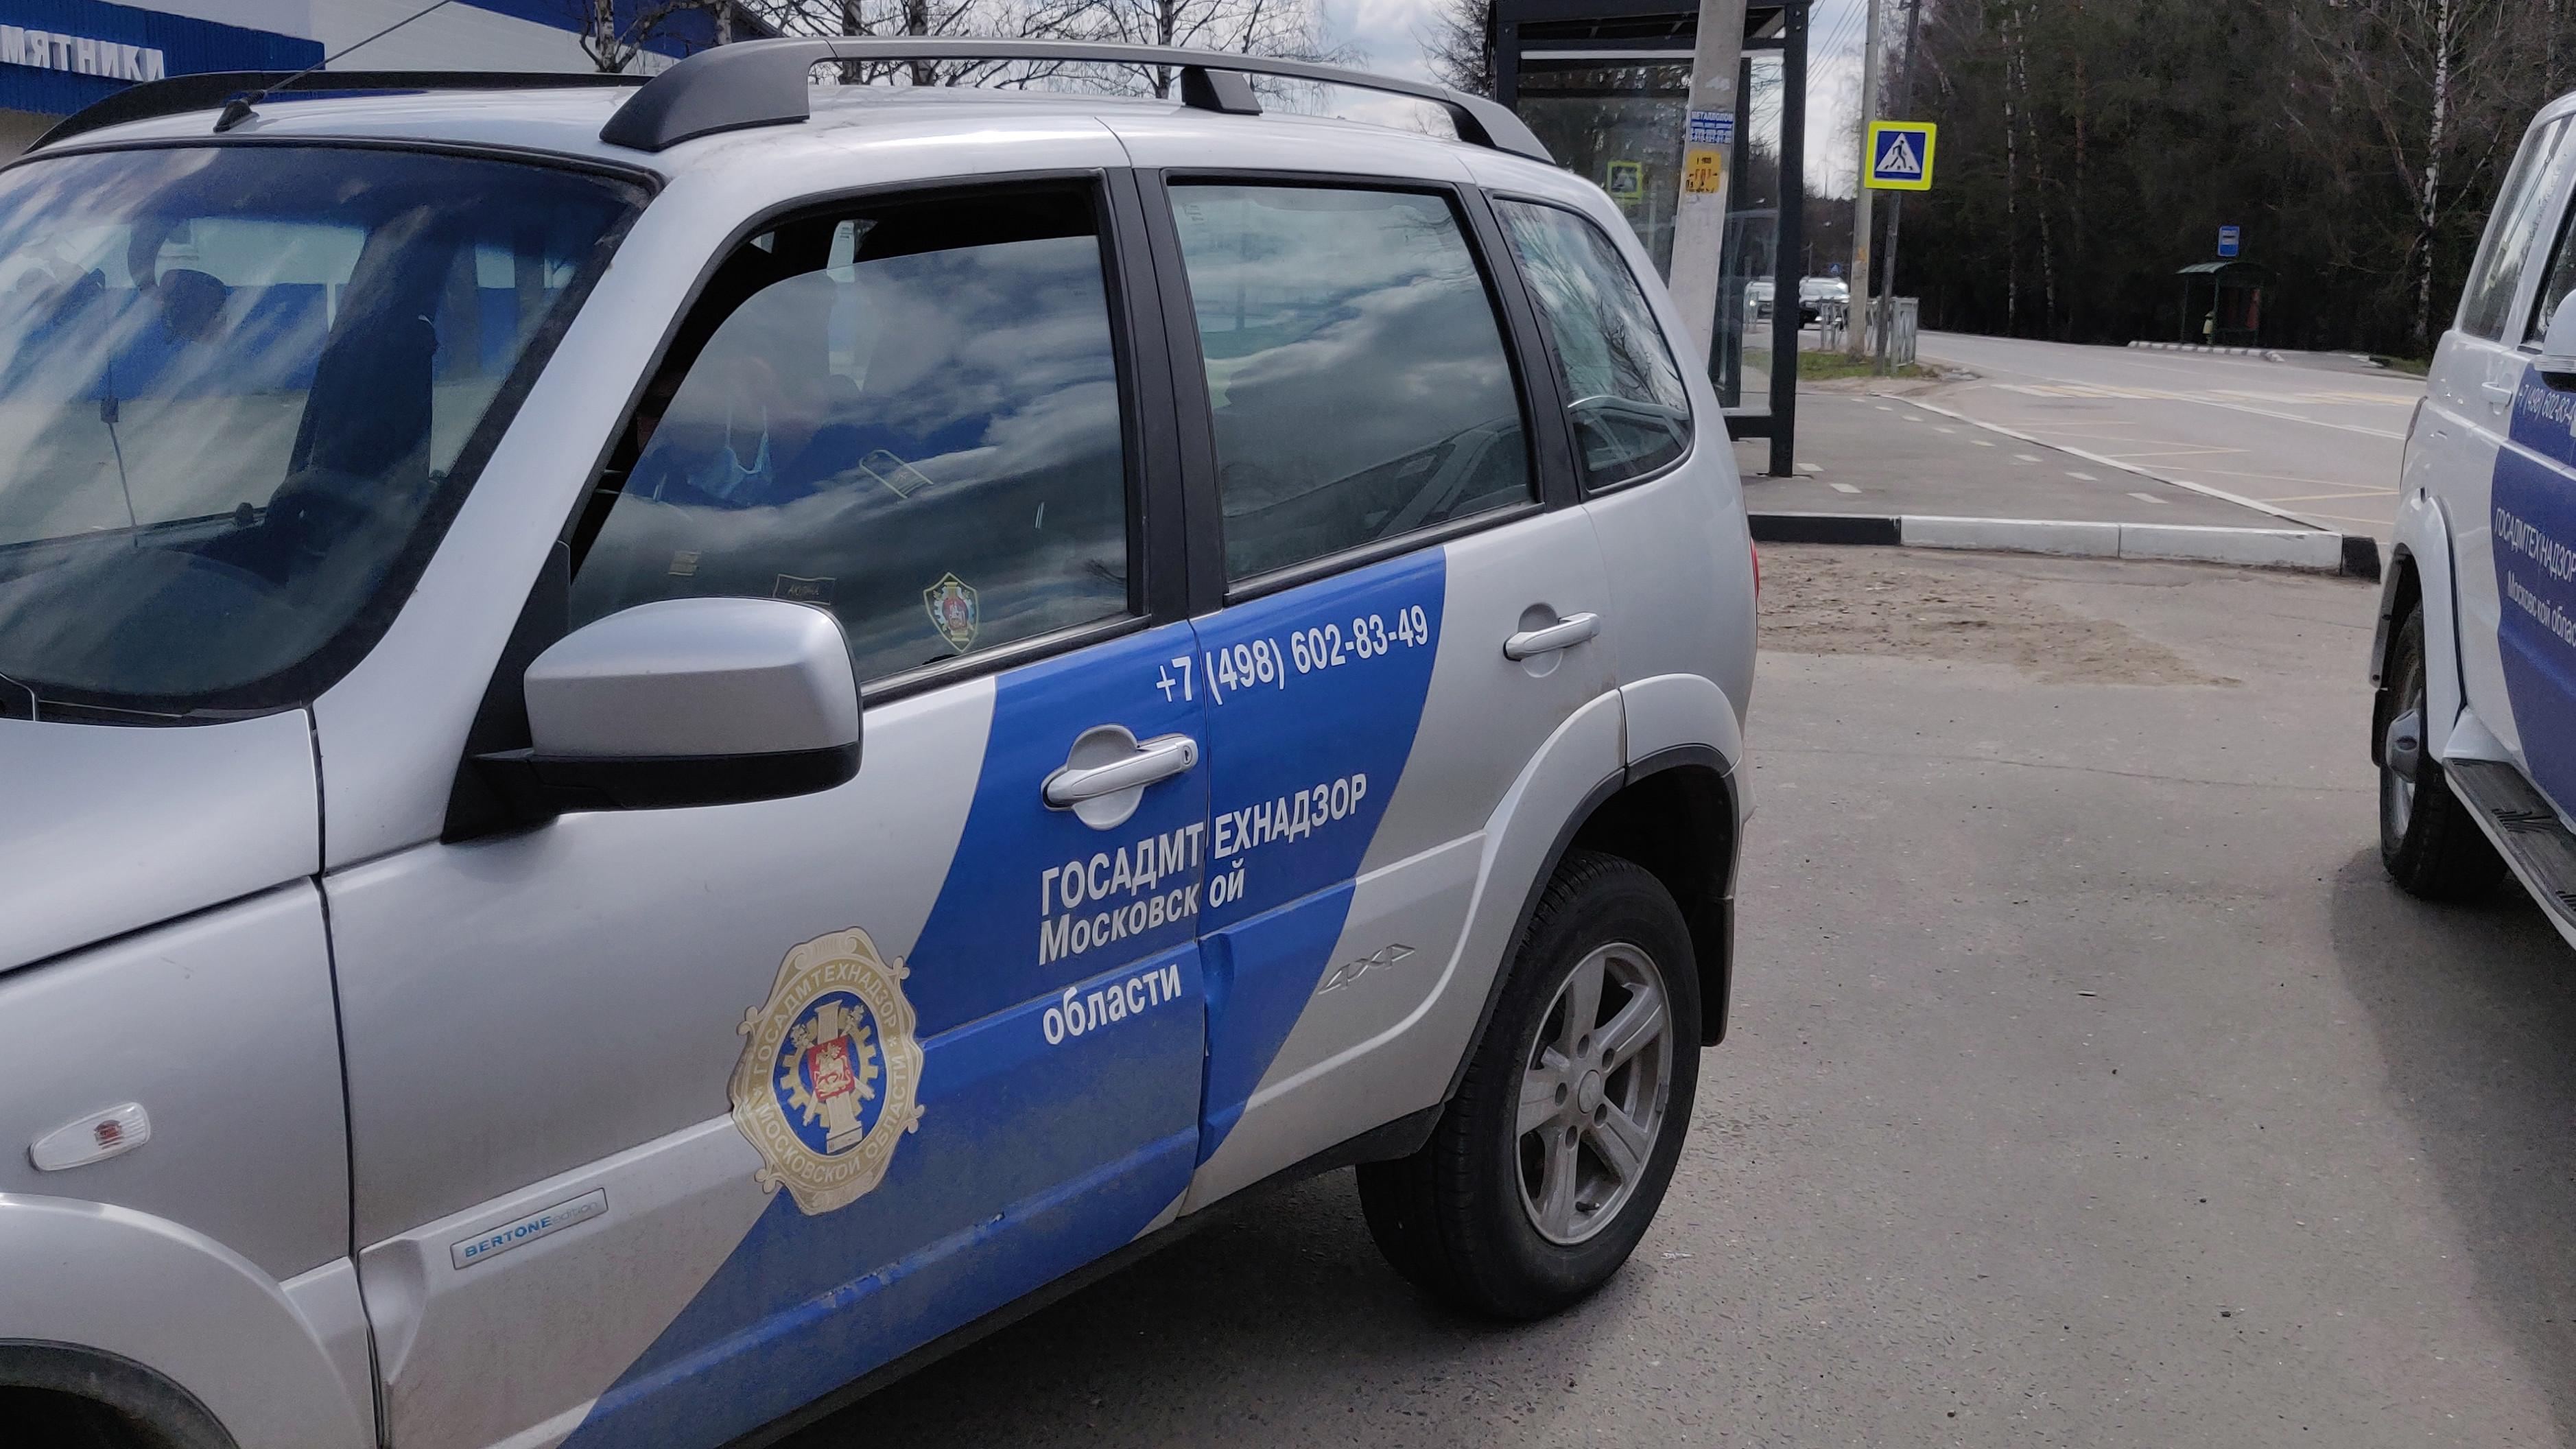 Почти 50 нарушений вдоль вылетных магистралей устранили в Подмосковье за неделю